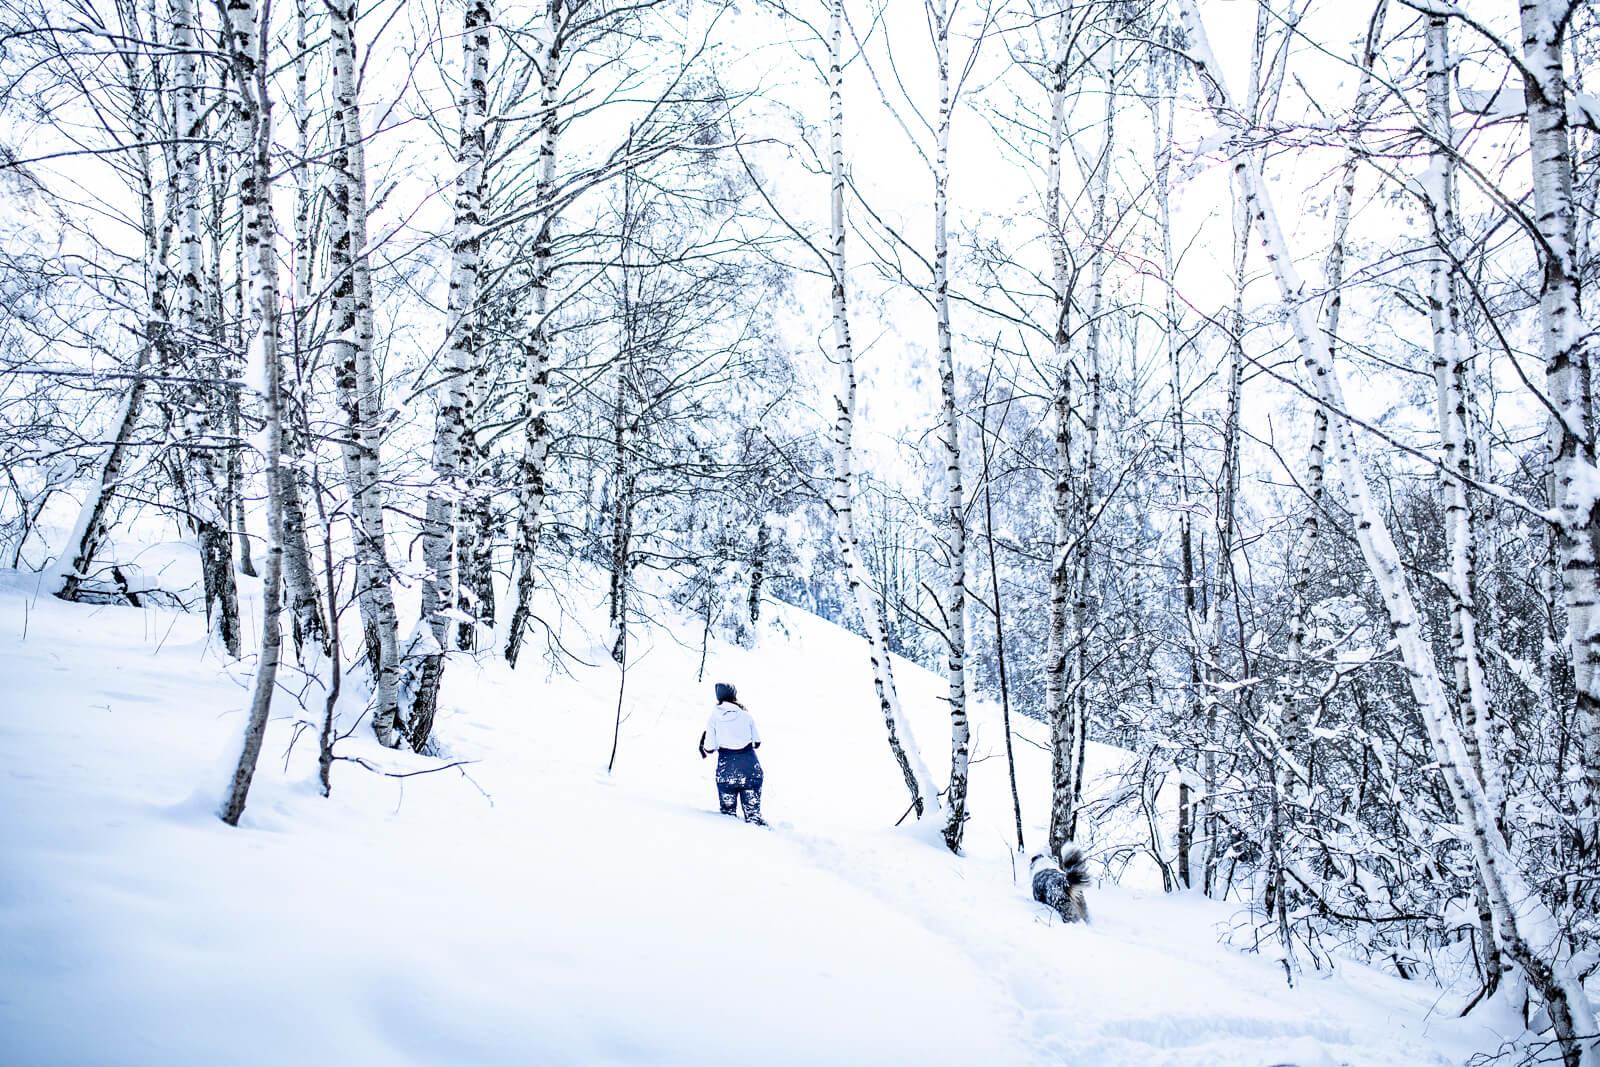 Balade dans la neige Hiver aux Deux Alpes